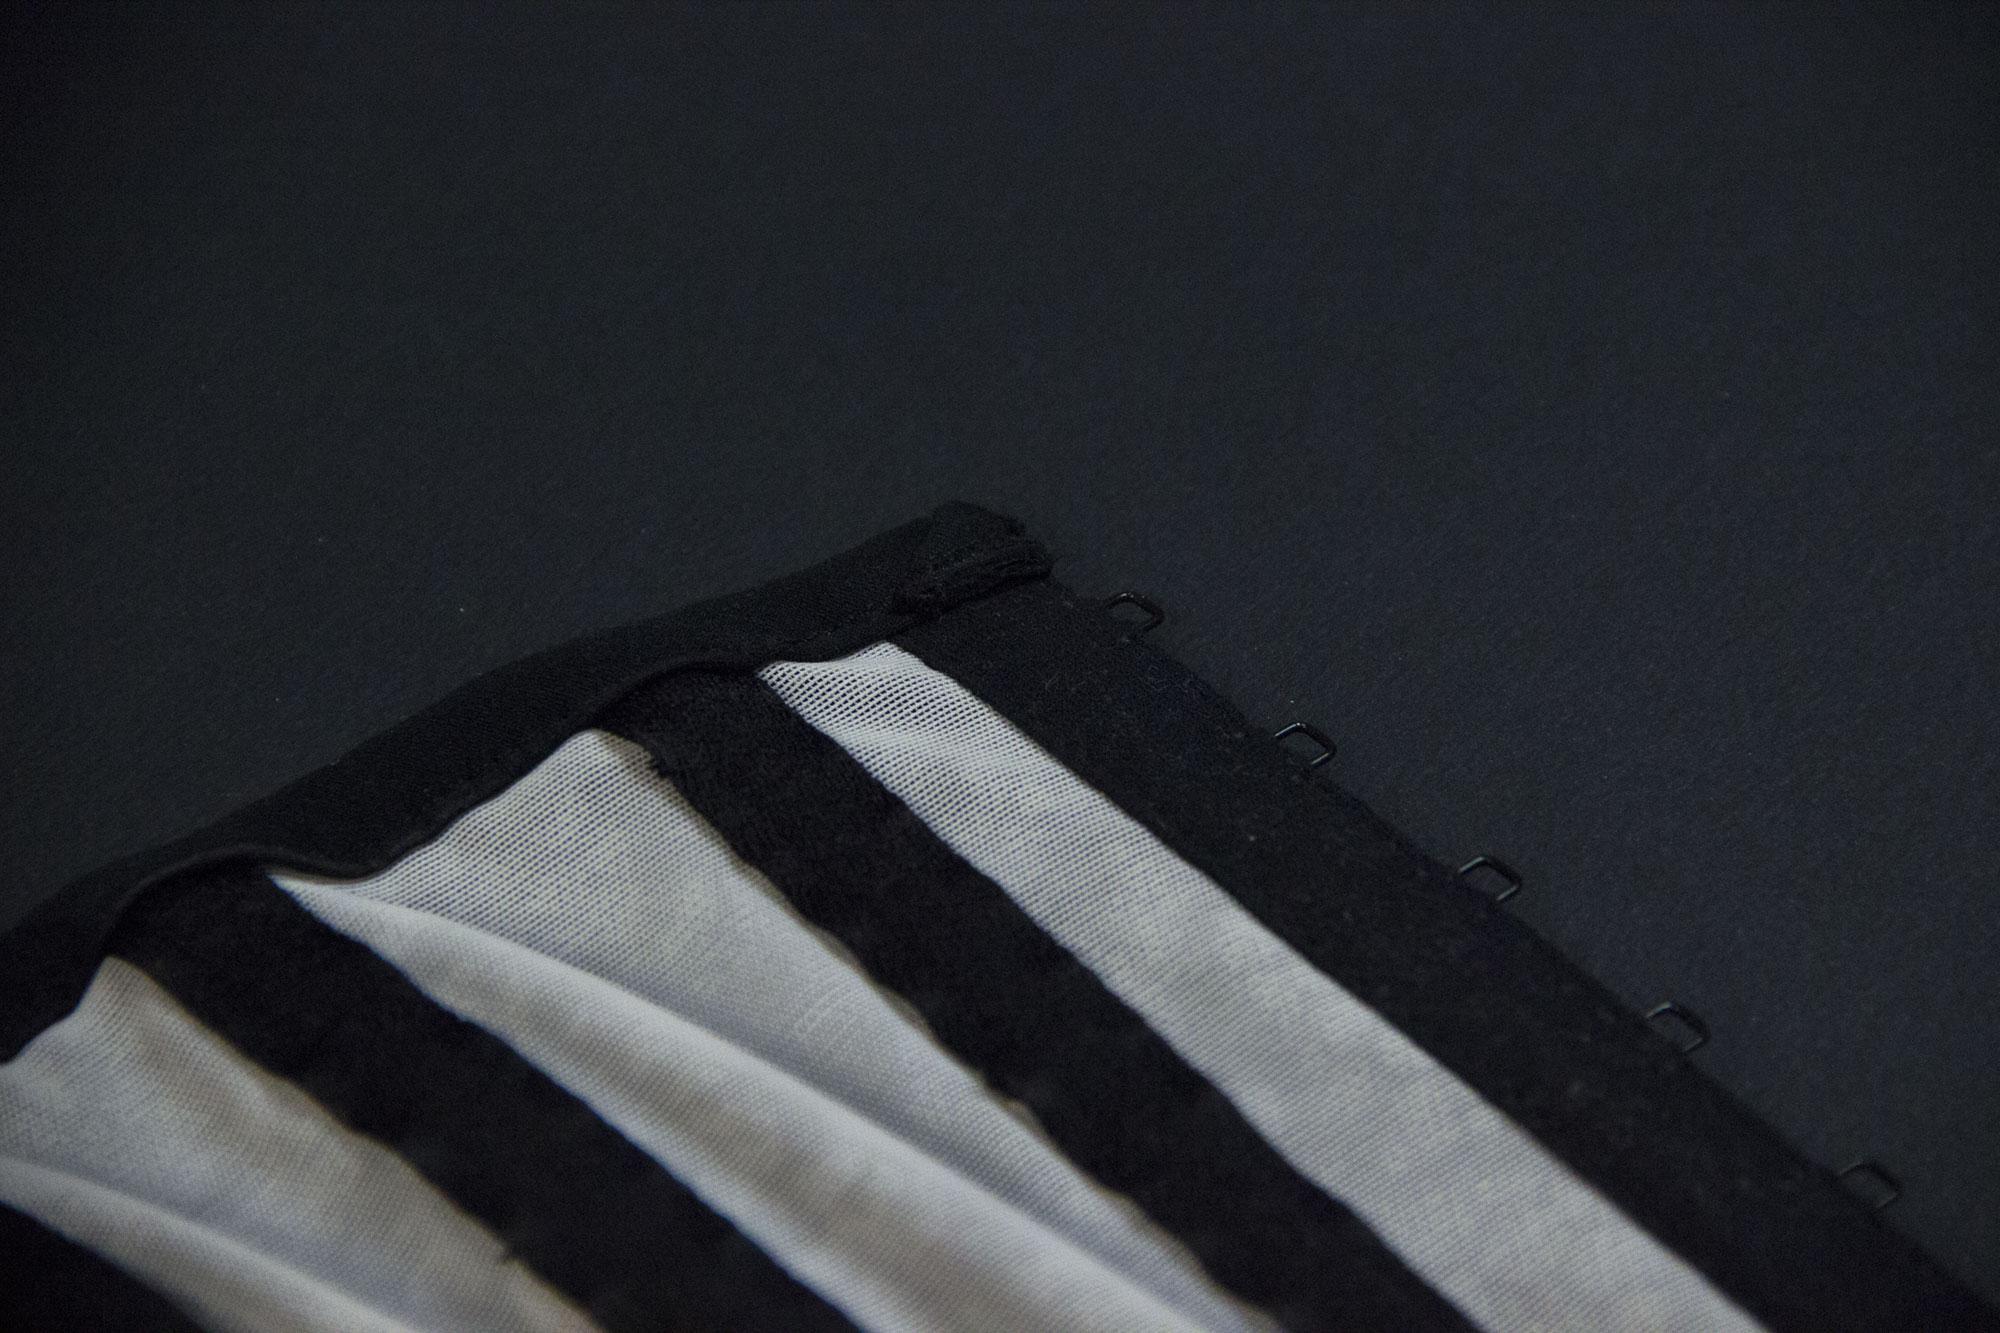 Обзор корсета от французского бренда нижнего белья Simone Perele